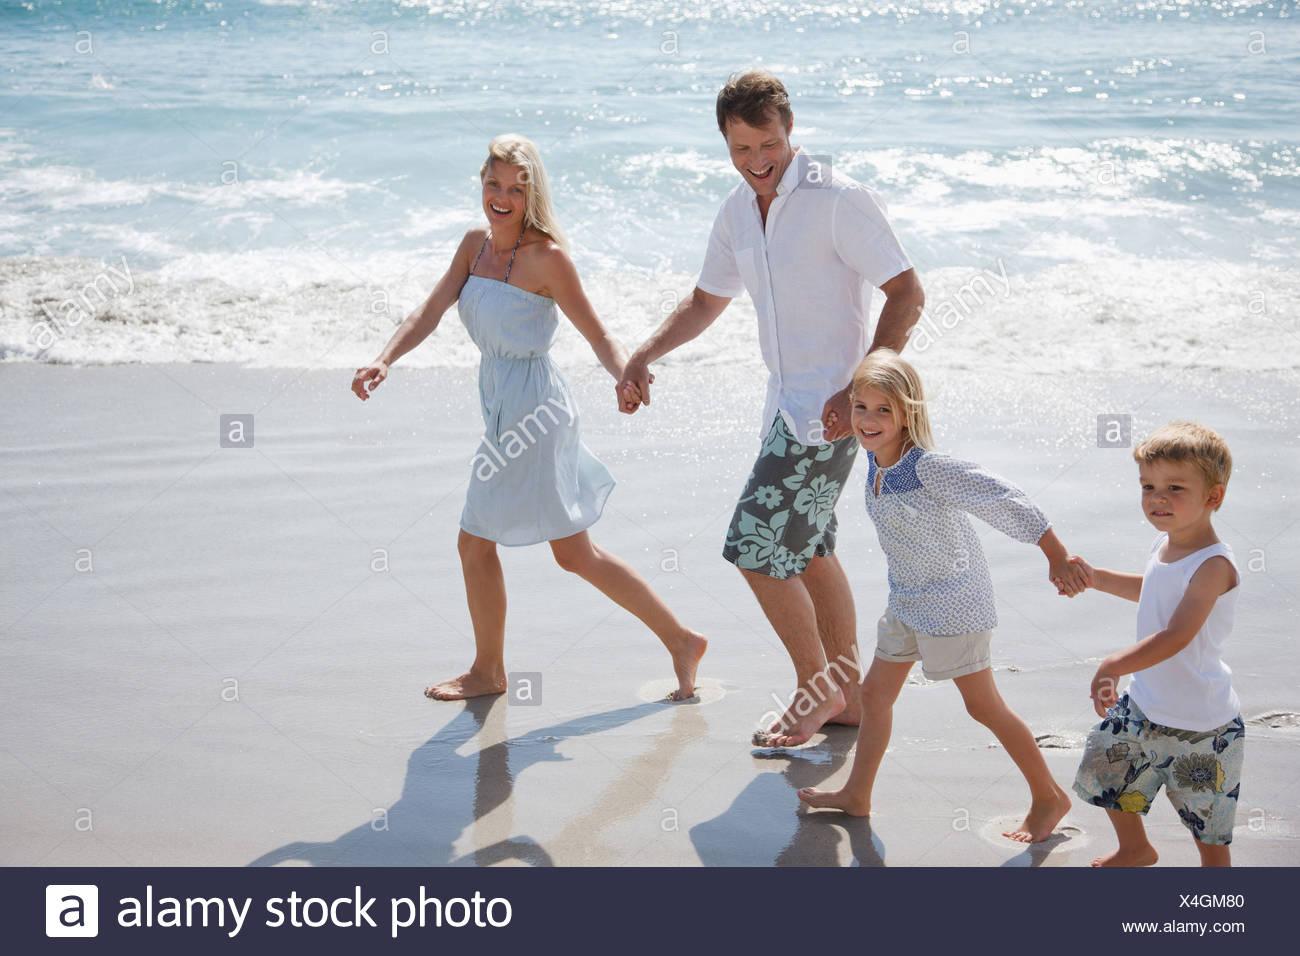 Familia vadeando en Ocean Imagen De Stock